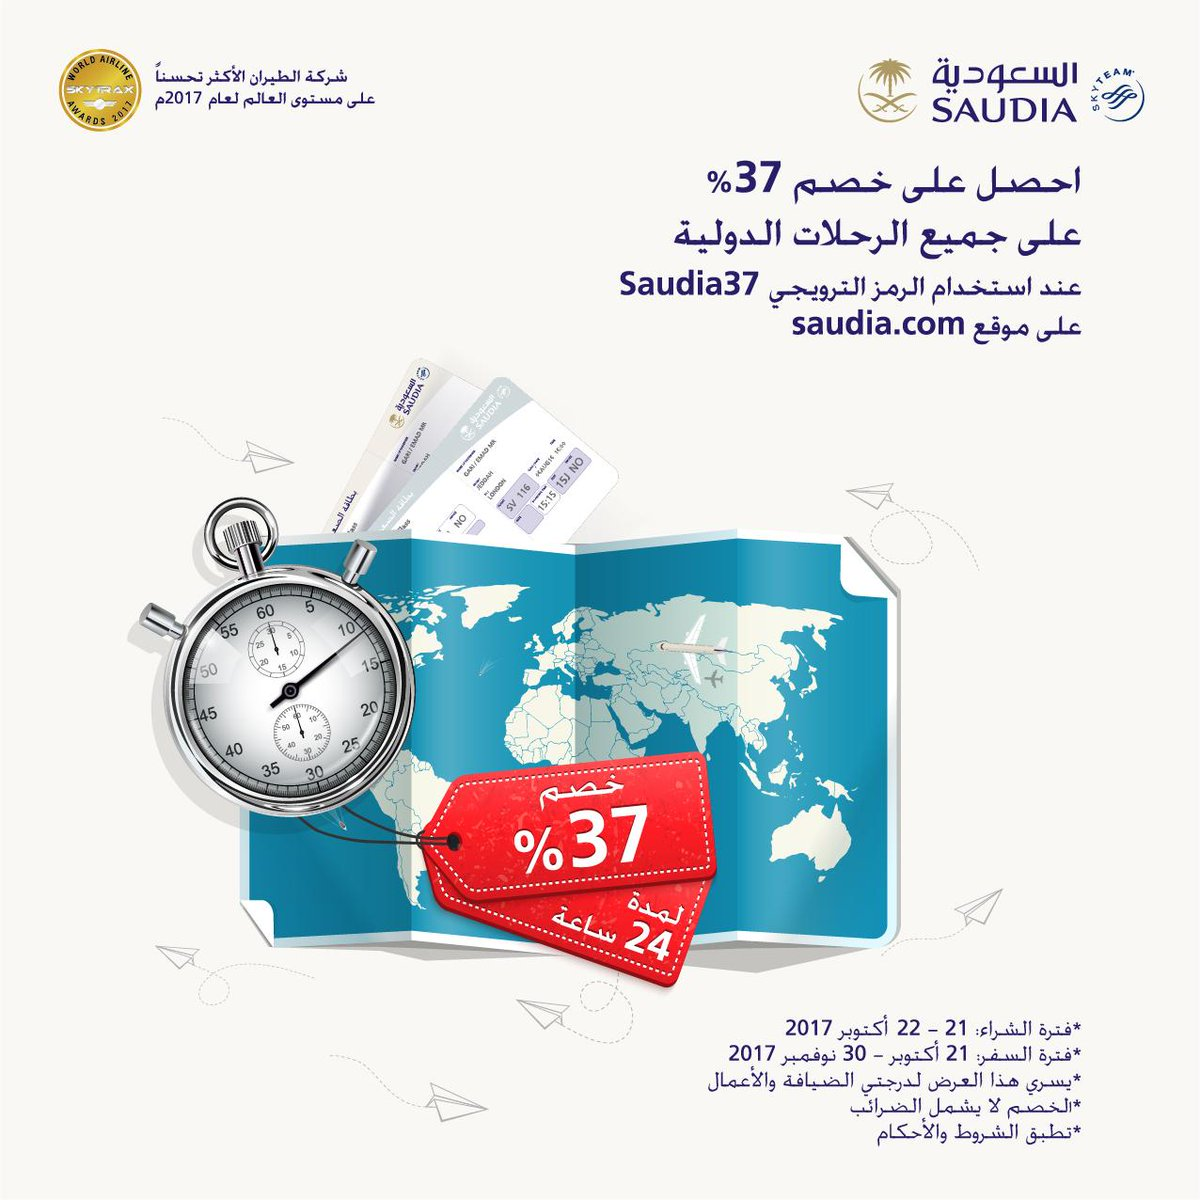 السعودية Saudia On Twitter احصل على خصم 37 على جميع الرحلات الدولية عند إستخدام الرمز الترويجي Saudia37 احجز الآن Https T Co Bpjf5wific الخطوط السعودية Https T Co Oyvx52aums